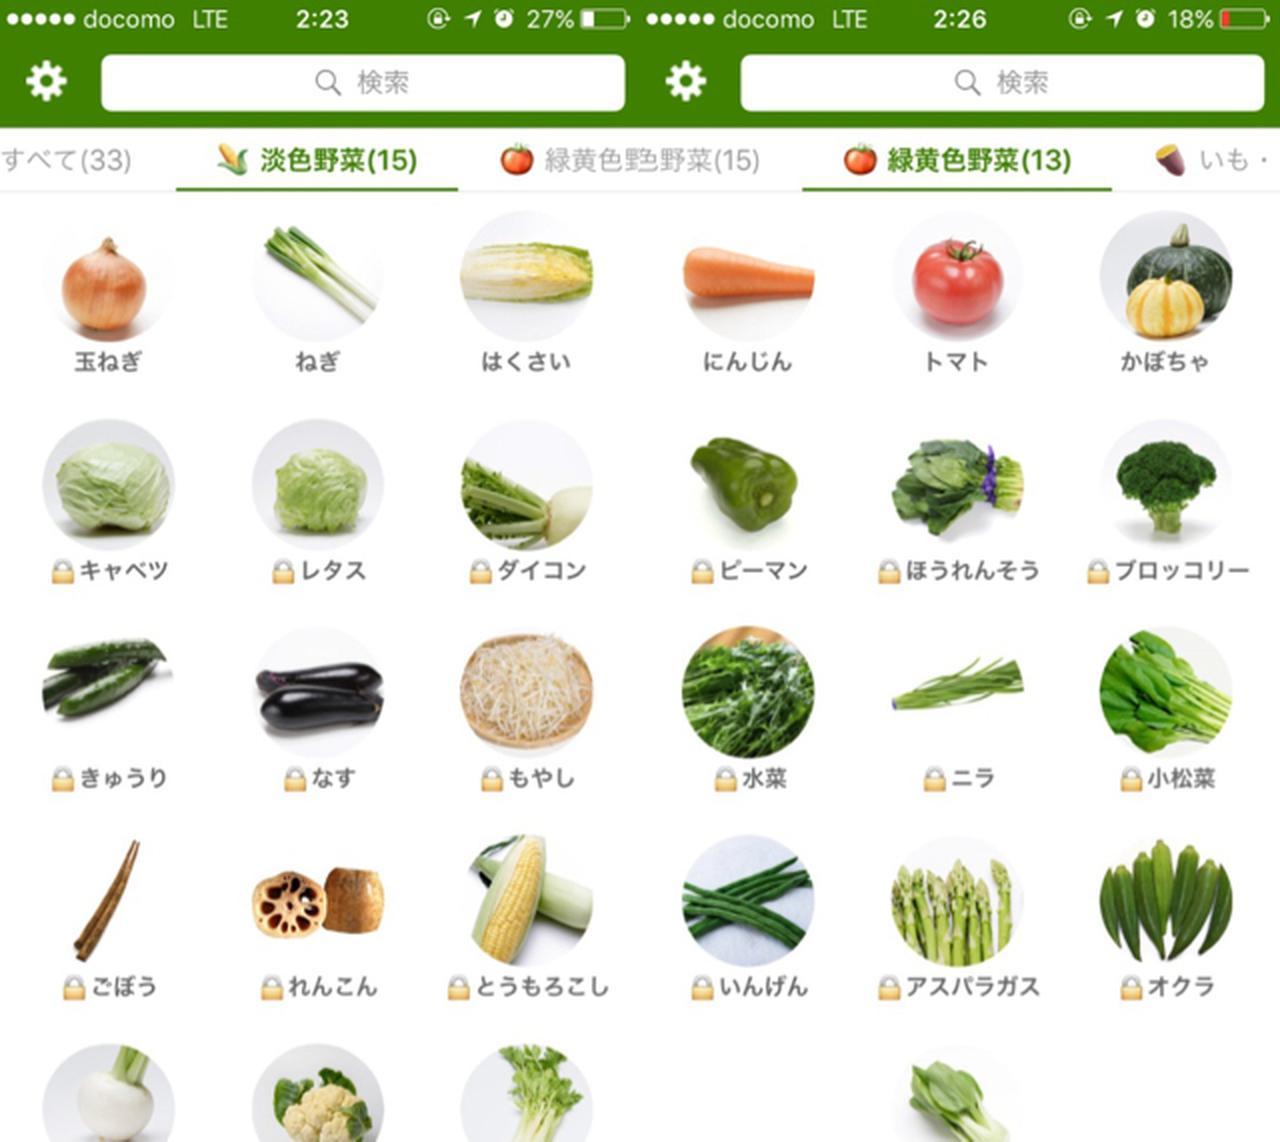 画像1: 野菜の情報は全部で33種類!